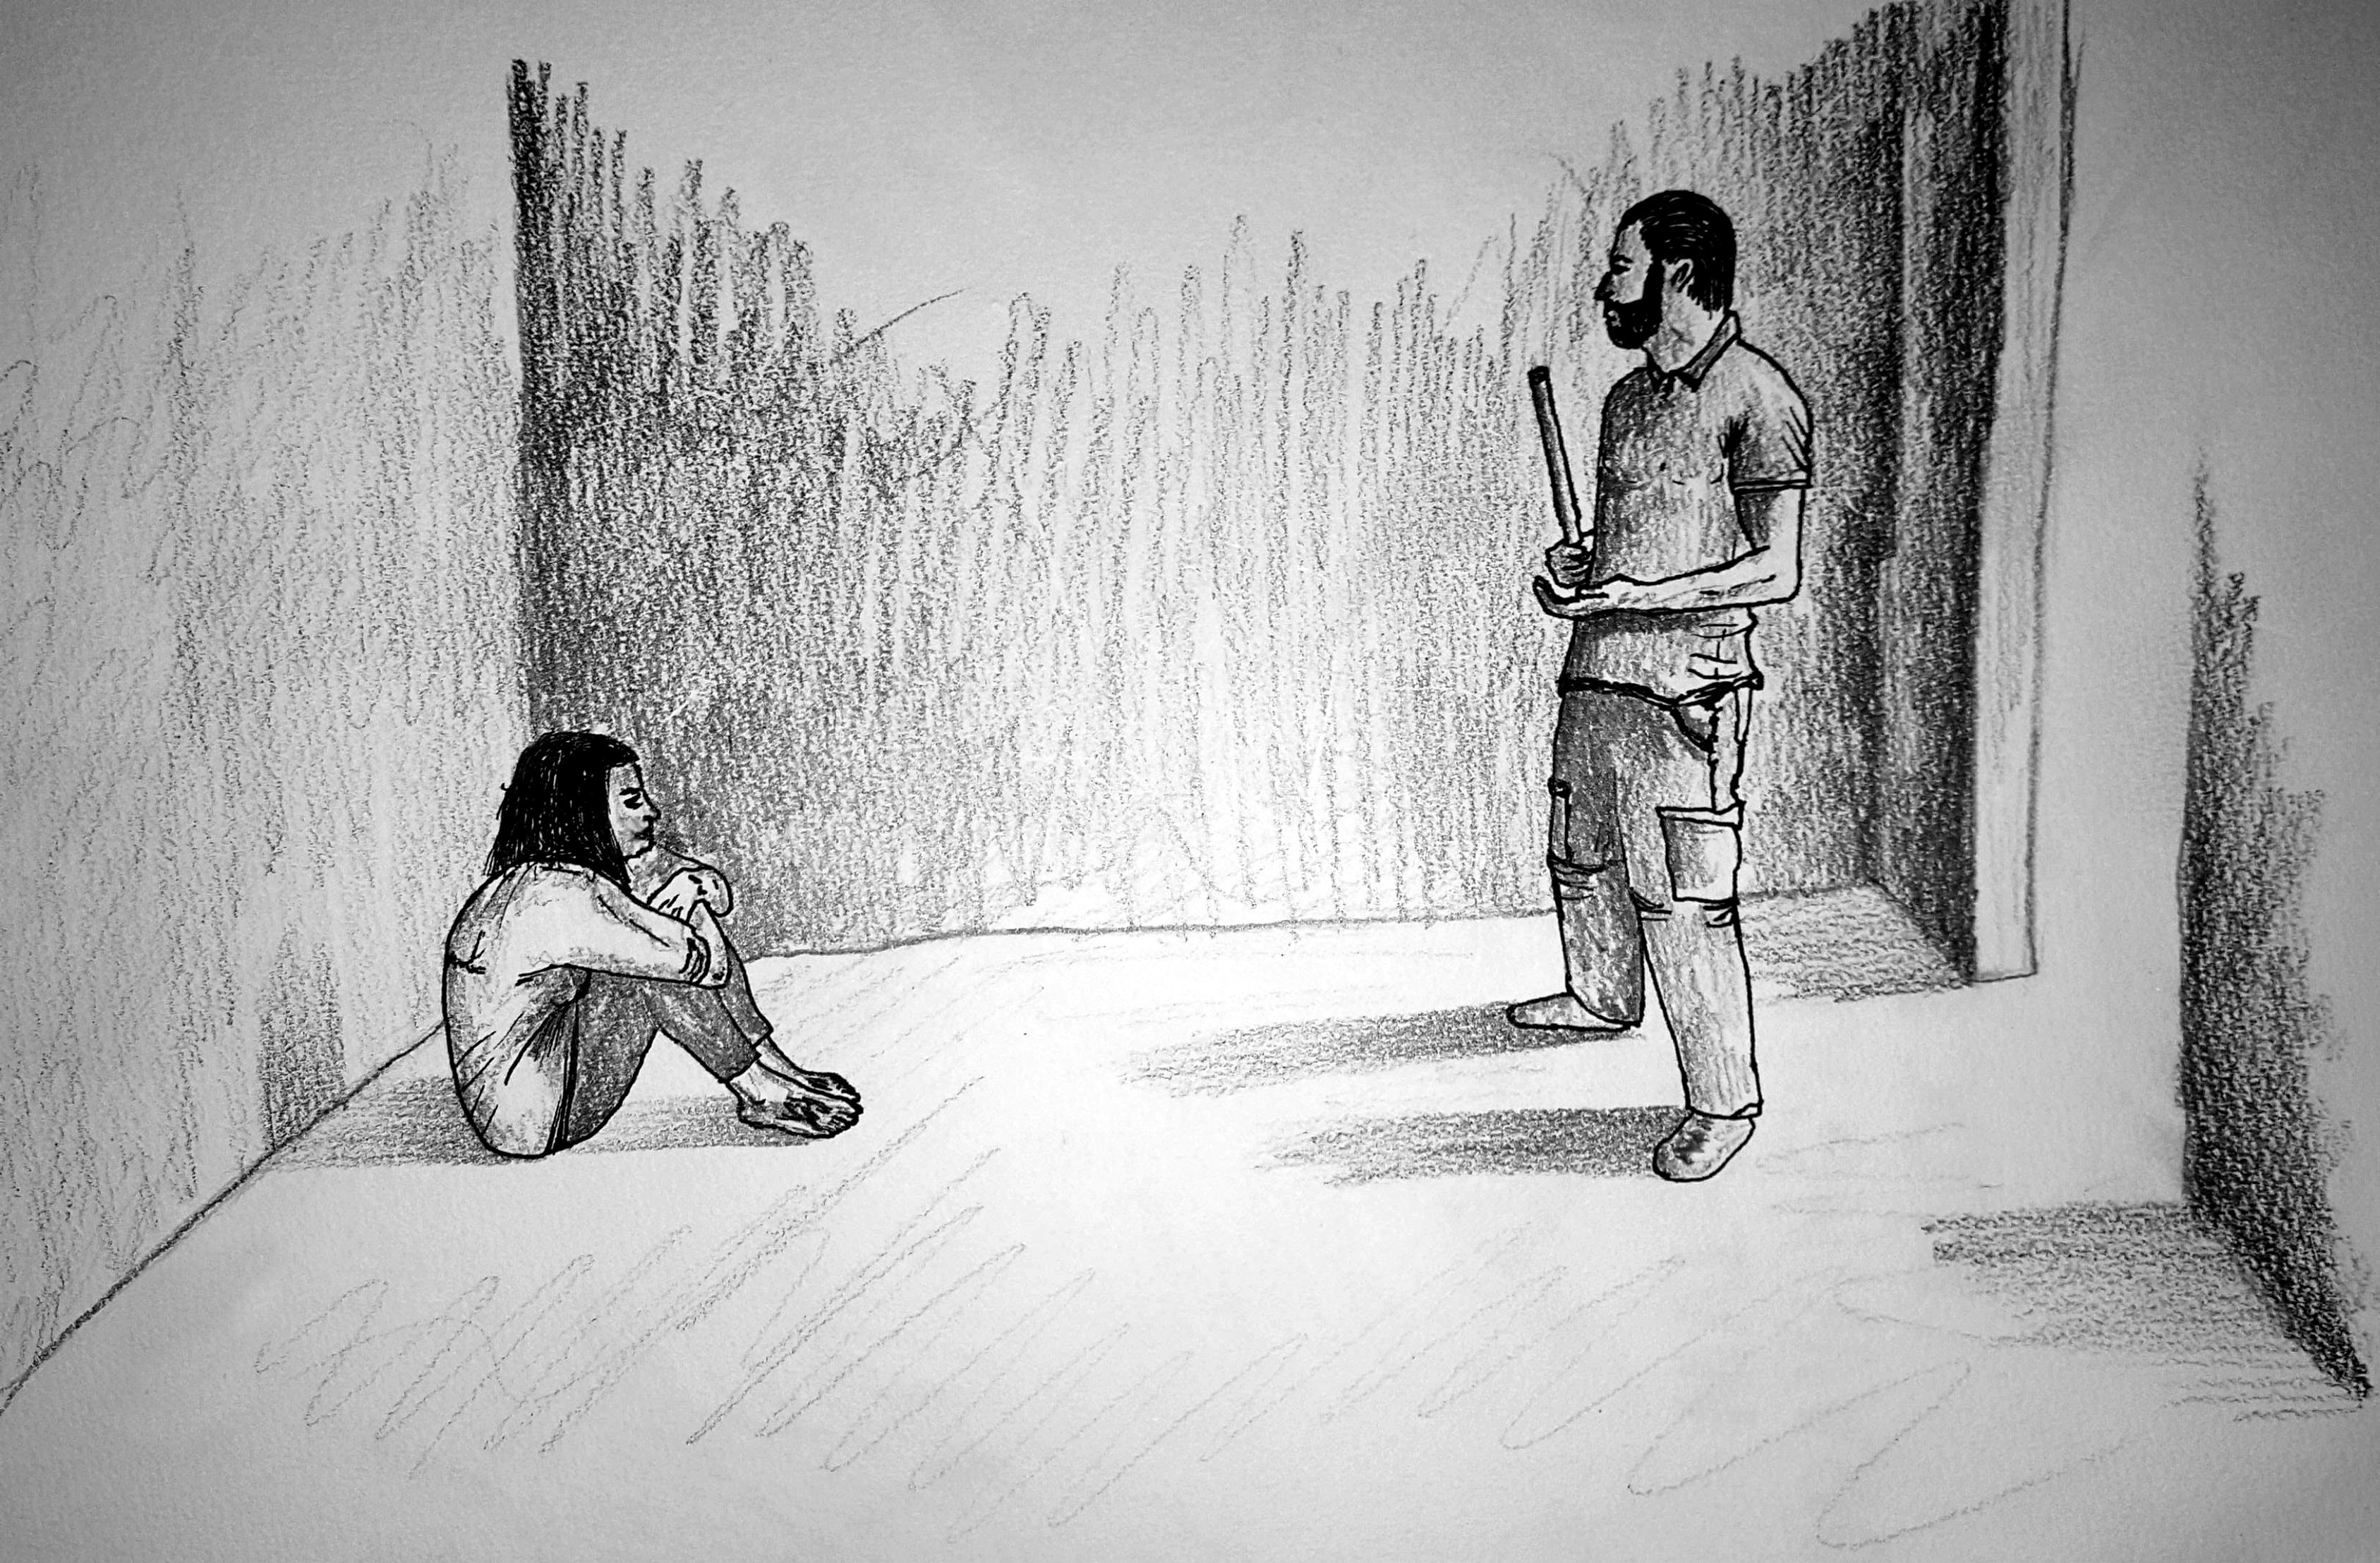 صورة في فرع فلسطين..فلسطينية اغتصبوها ثم سجنوها مع جثث متفسخة